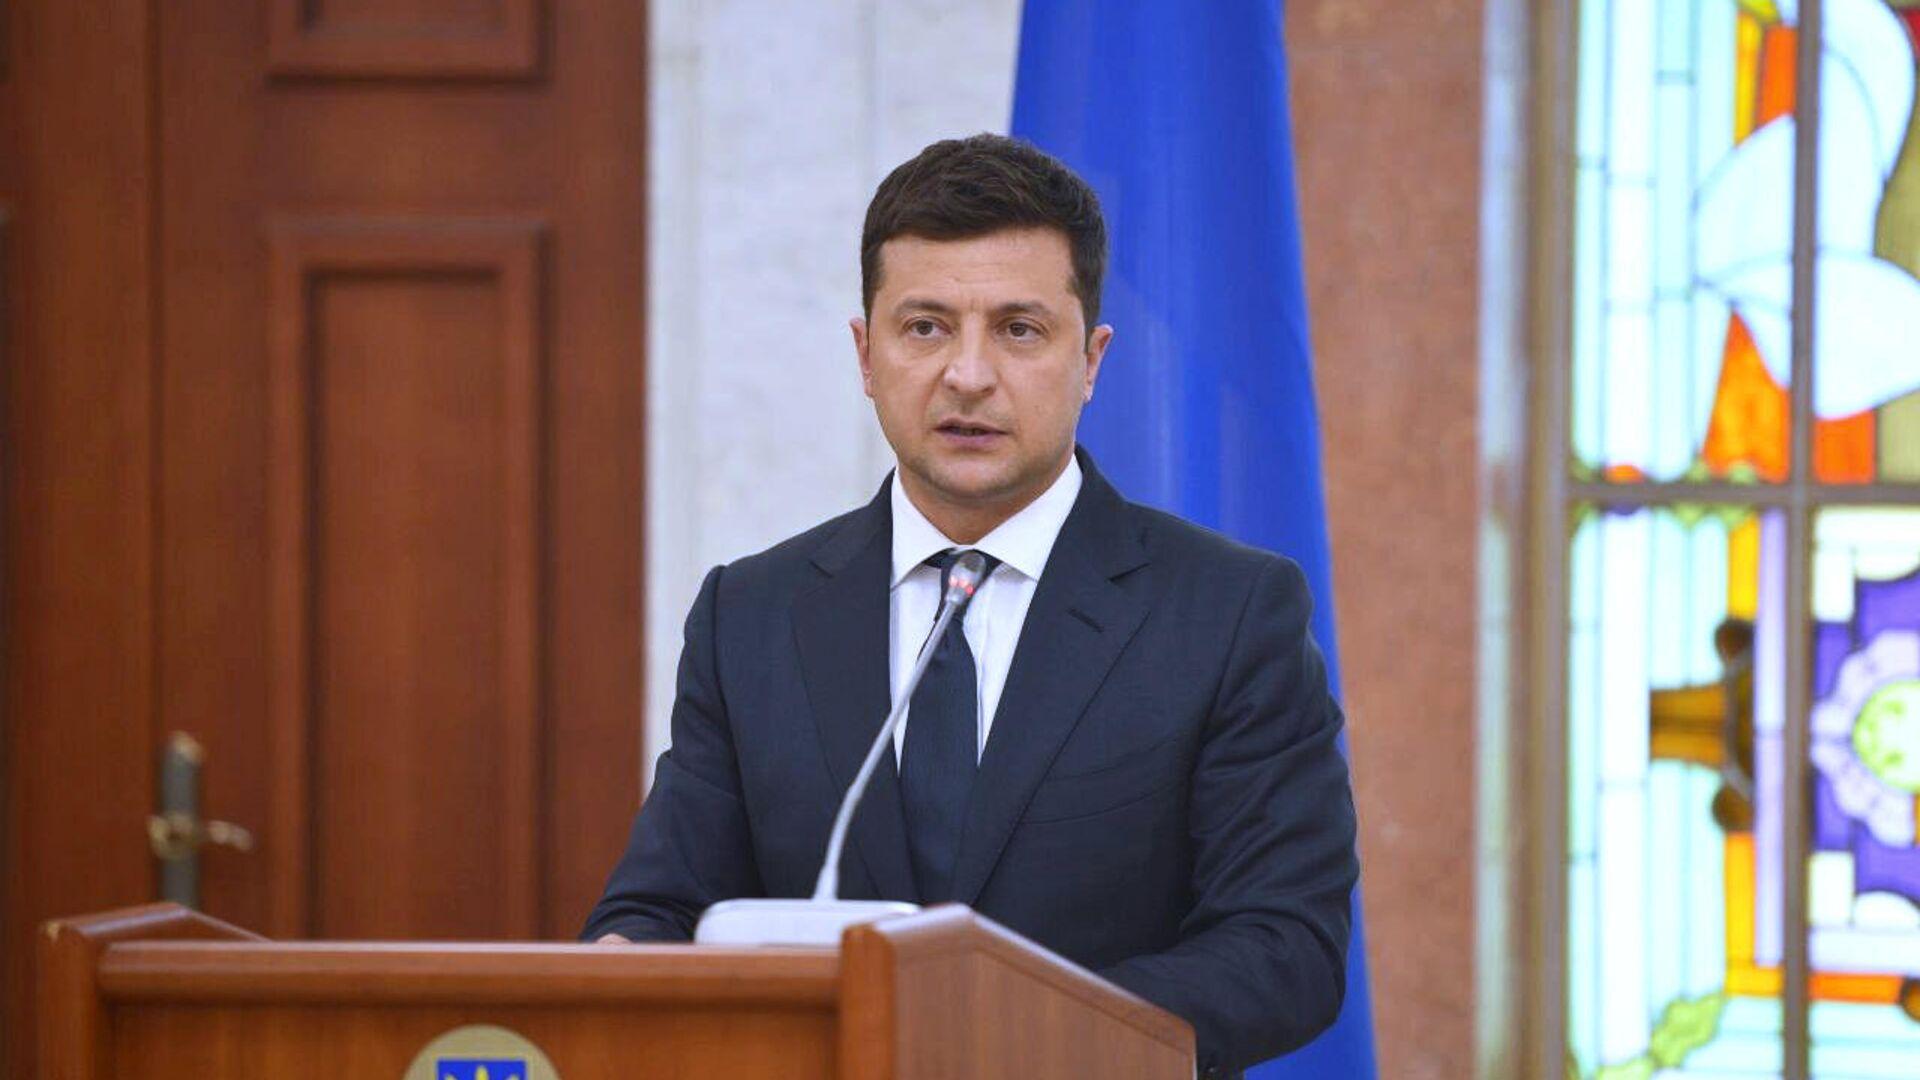 Президент Украины Зеленский пообещал заняться возвращением экс-главы Грузии Саакашвили